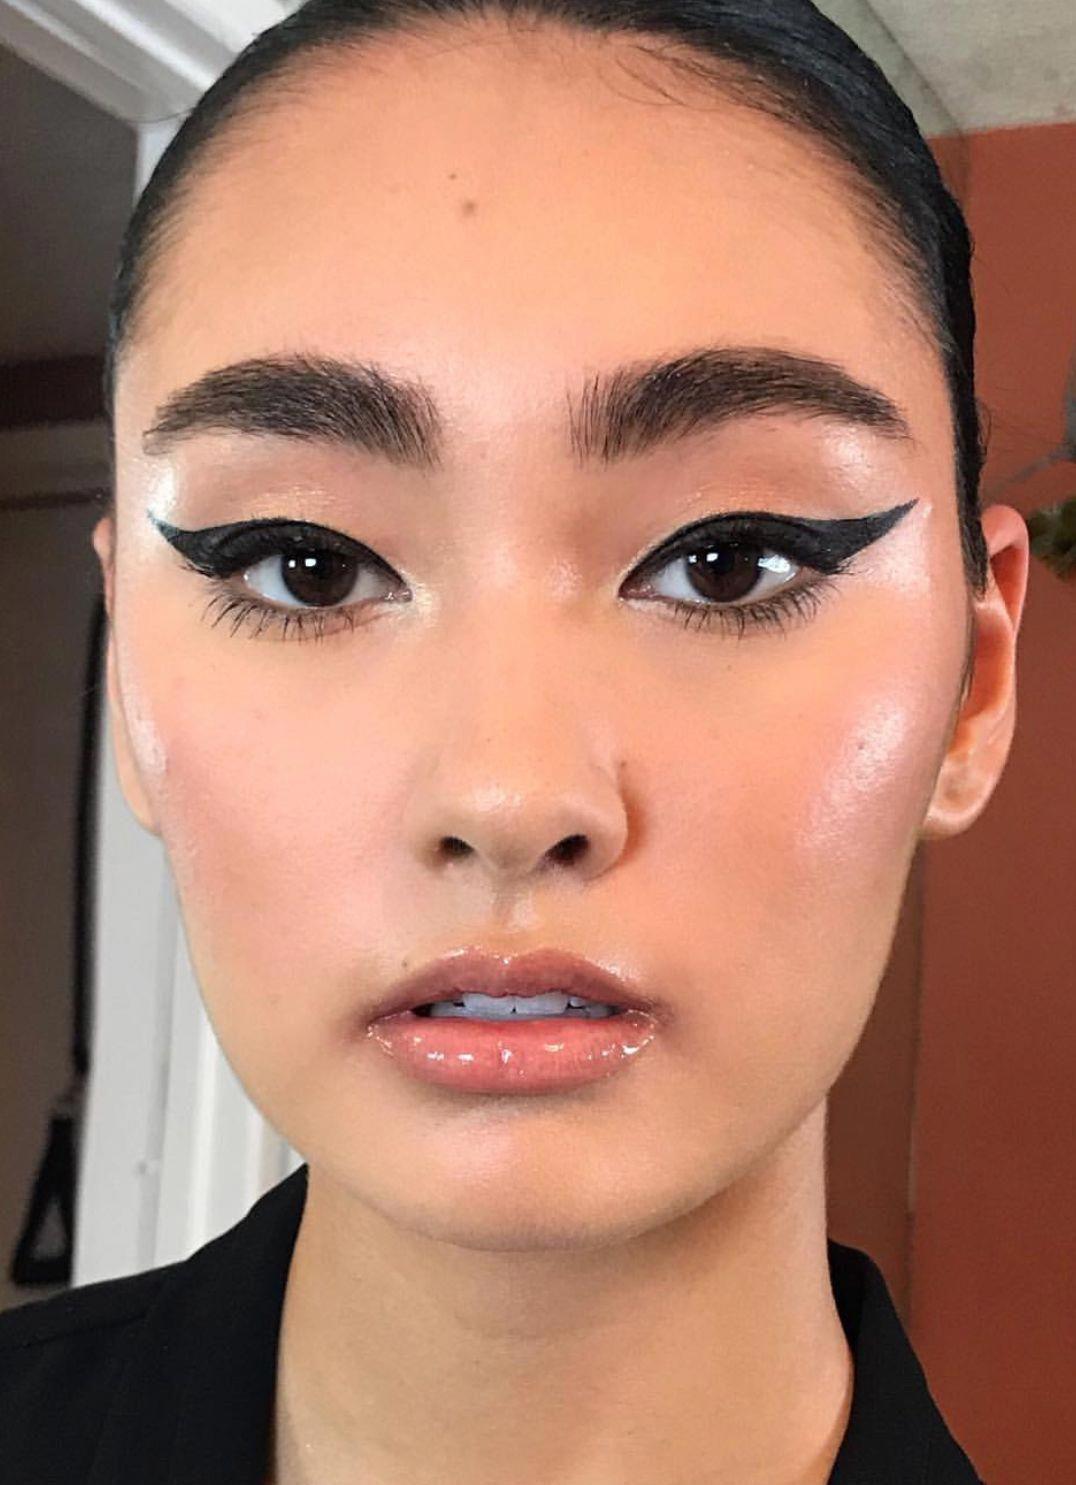 Pin By Nah On Makeup In 2020 No Eyeliner Makeup Cat Eye Makeup Cat Eye Eyeliner